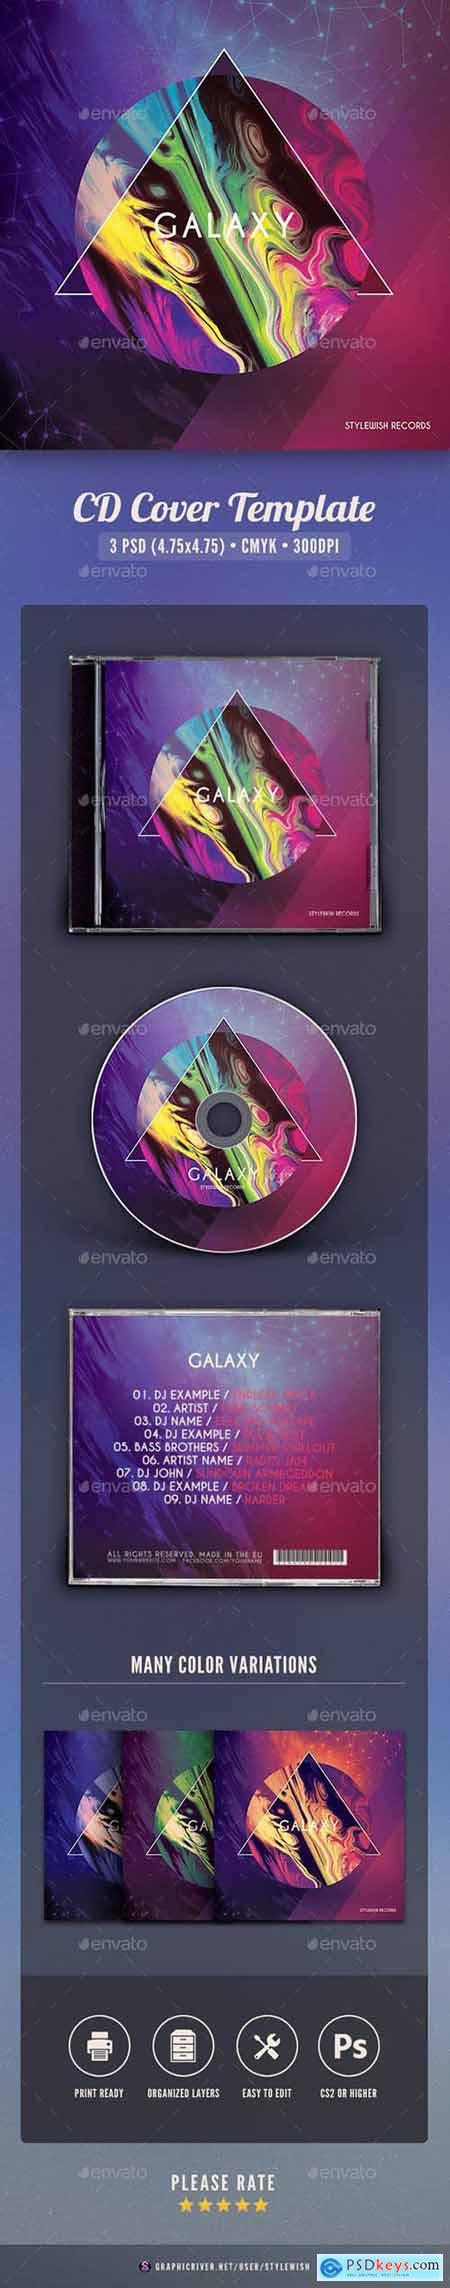 Graphicriver Galaxy CD Cover Artwork